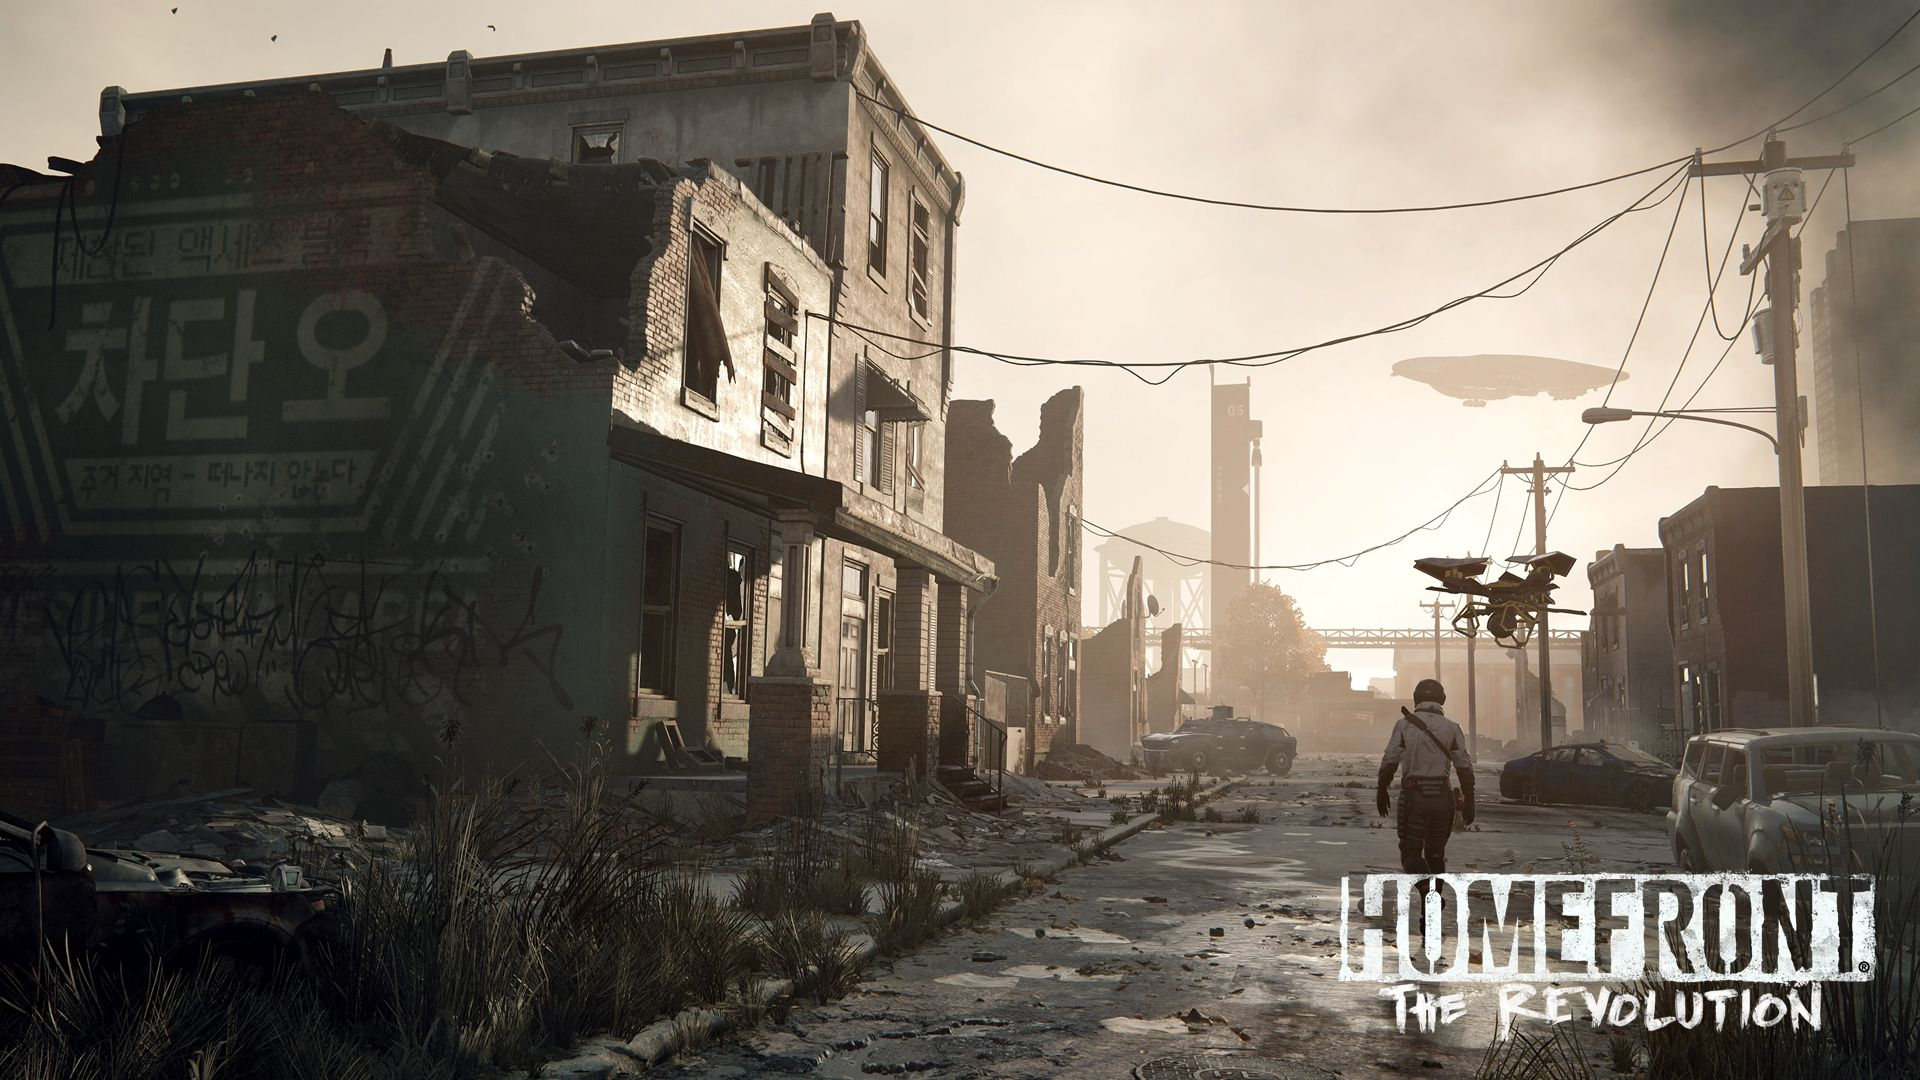 [E3 14] Primeras imágenes y trailer de Homefront: The Revolution para PS4, Xbox One y PC 62r5